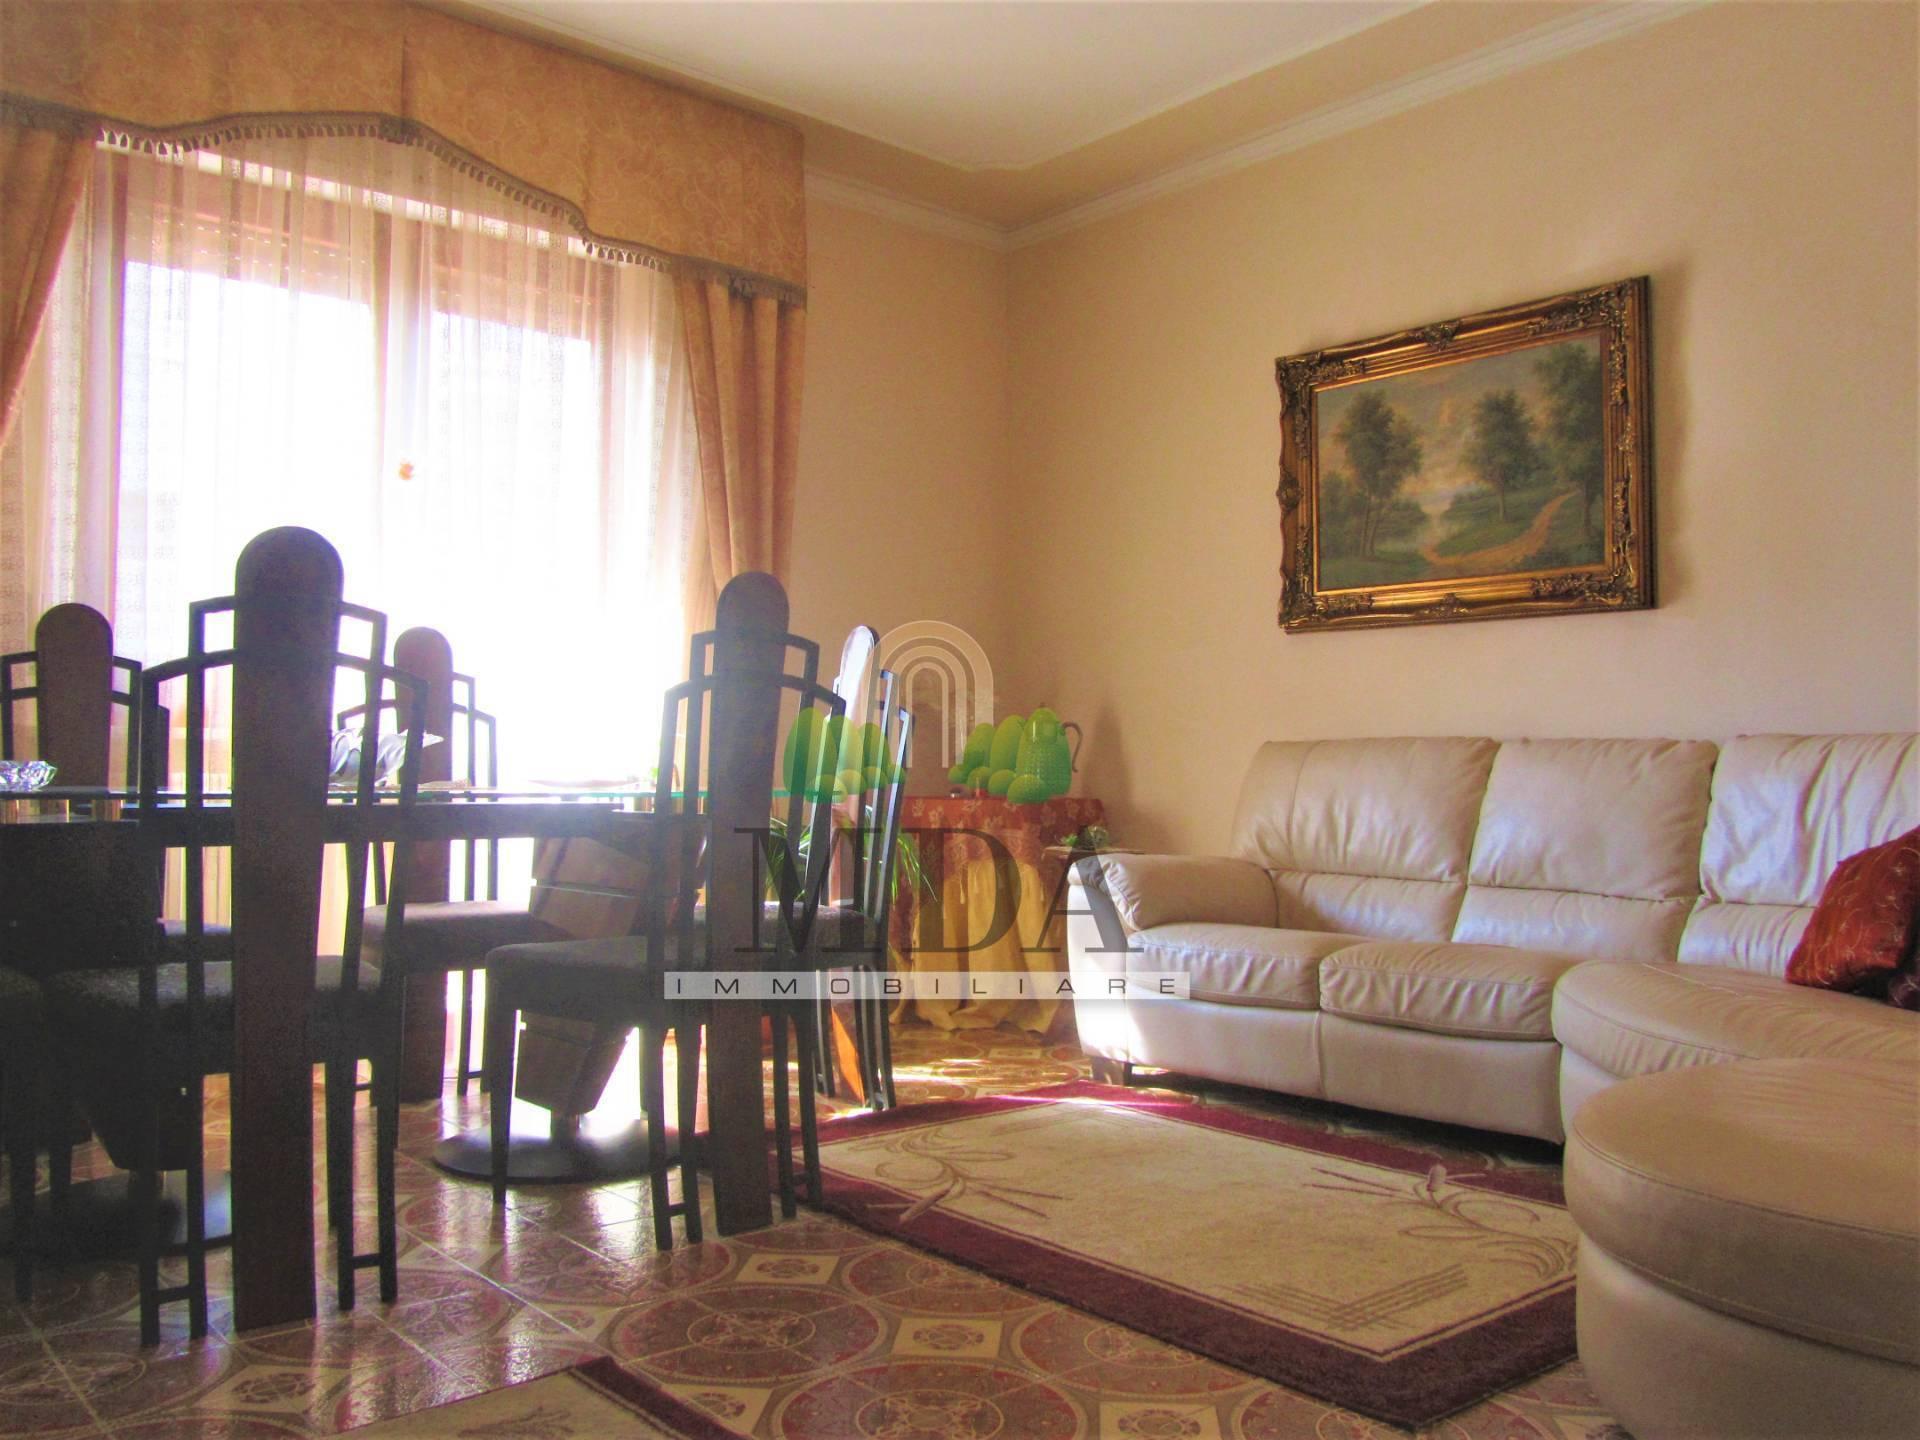 Appartamento in vendita a Colonnella, 5 locali, zona Località: C/daS.Giovanni, prezzo € 95.000   CambioCasa.it